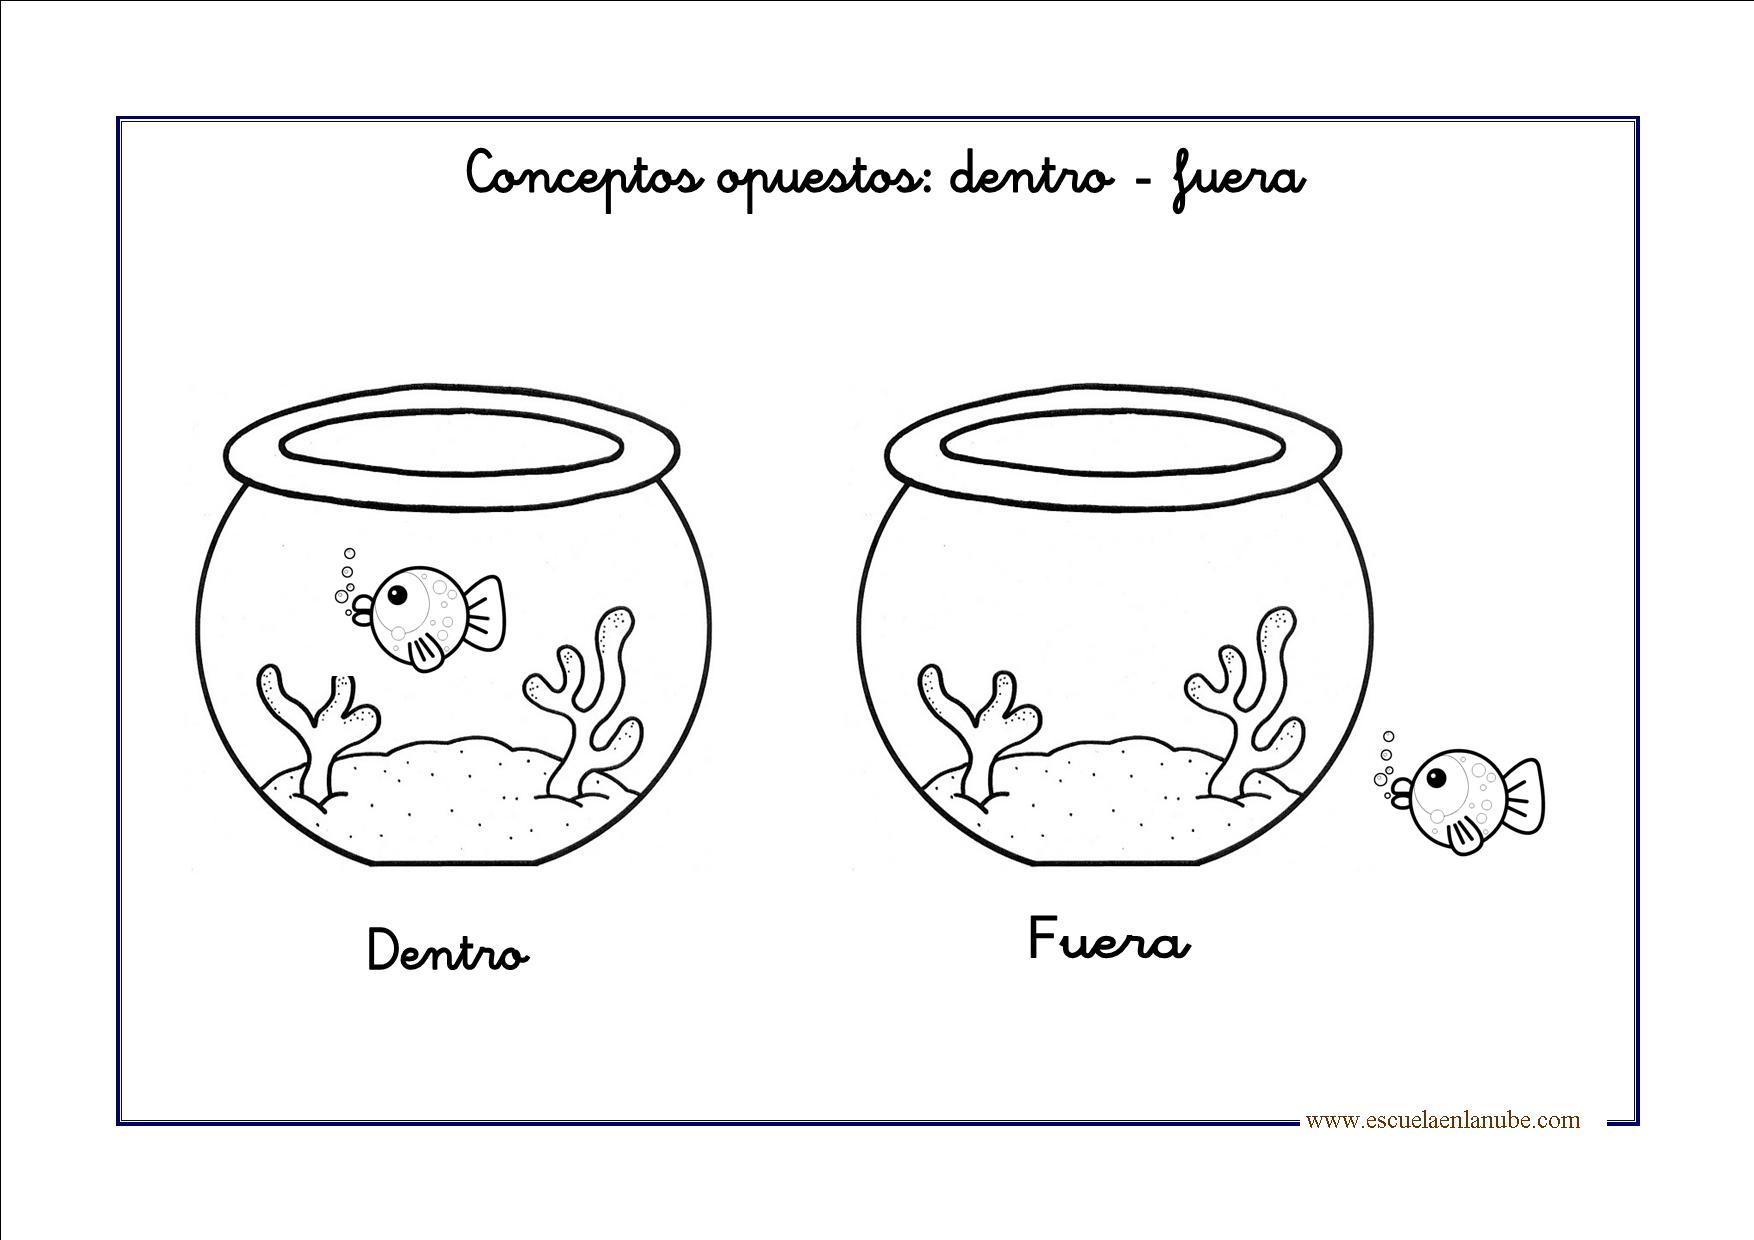 Conceptos opuestos: dentro y fuera